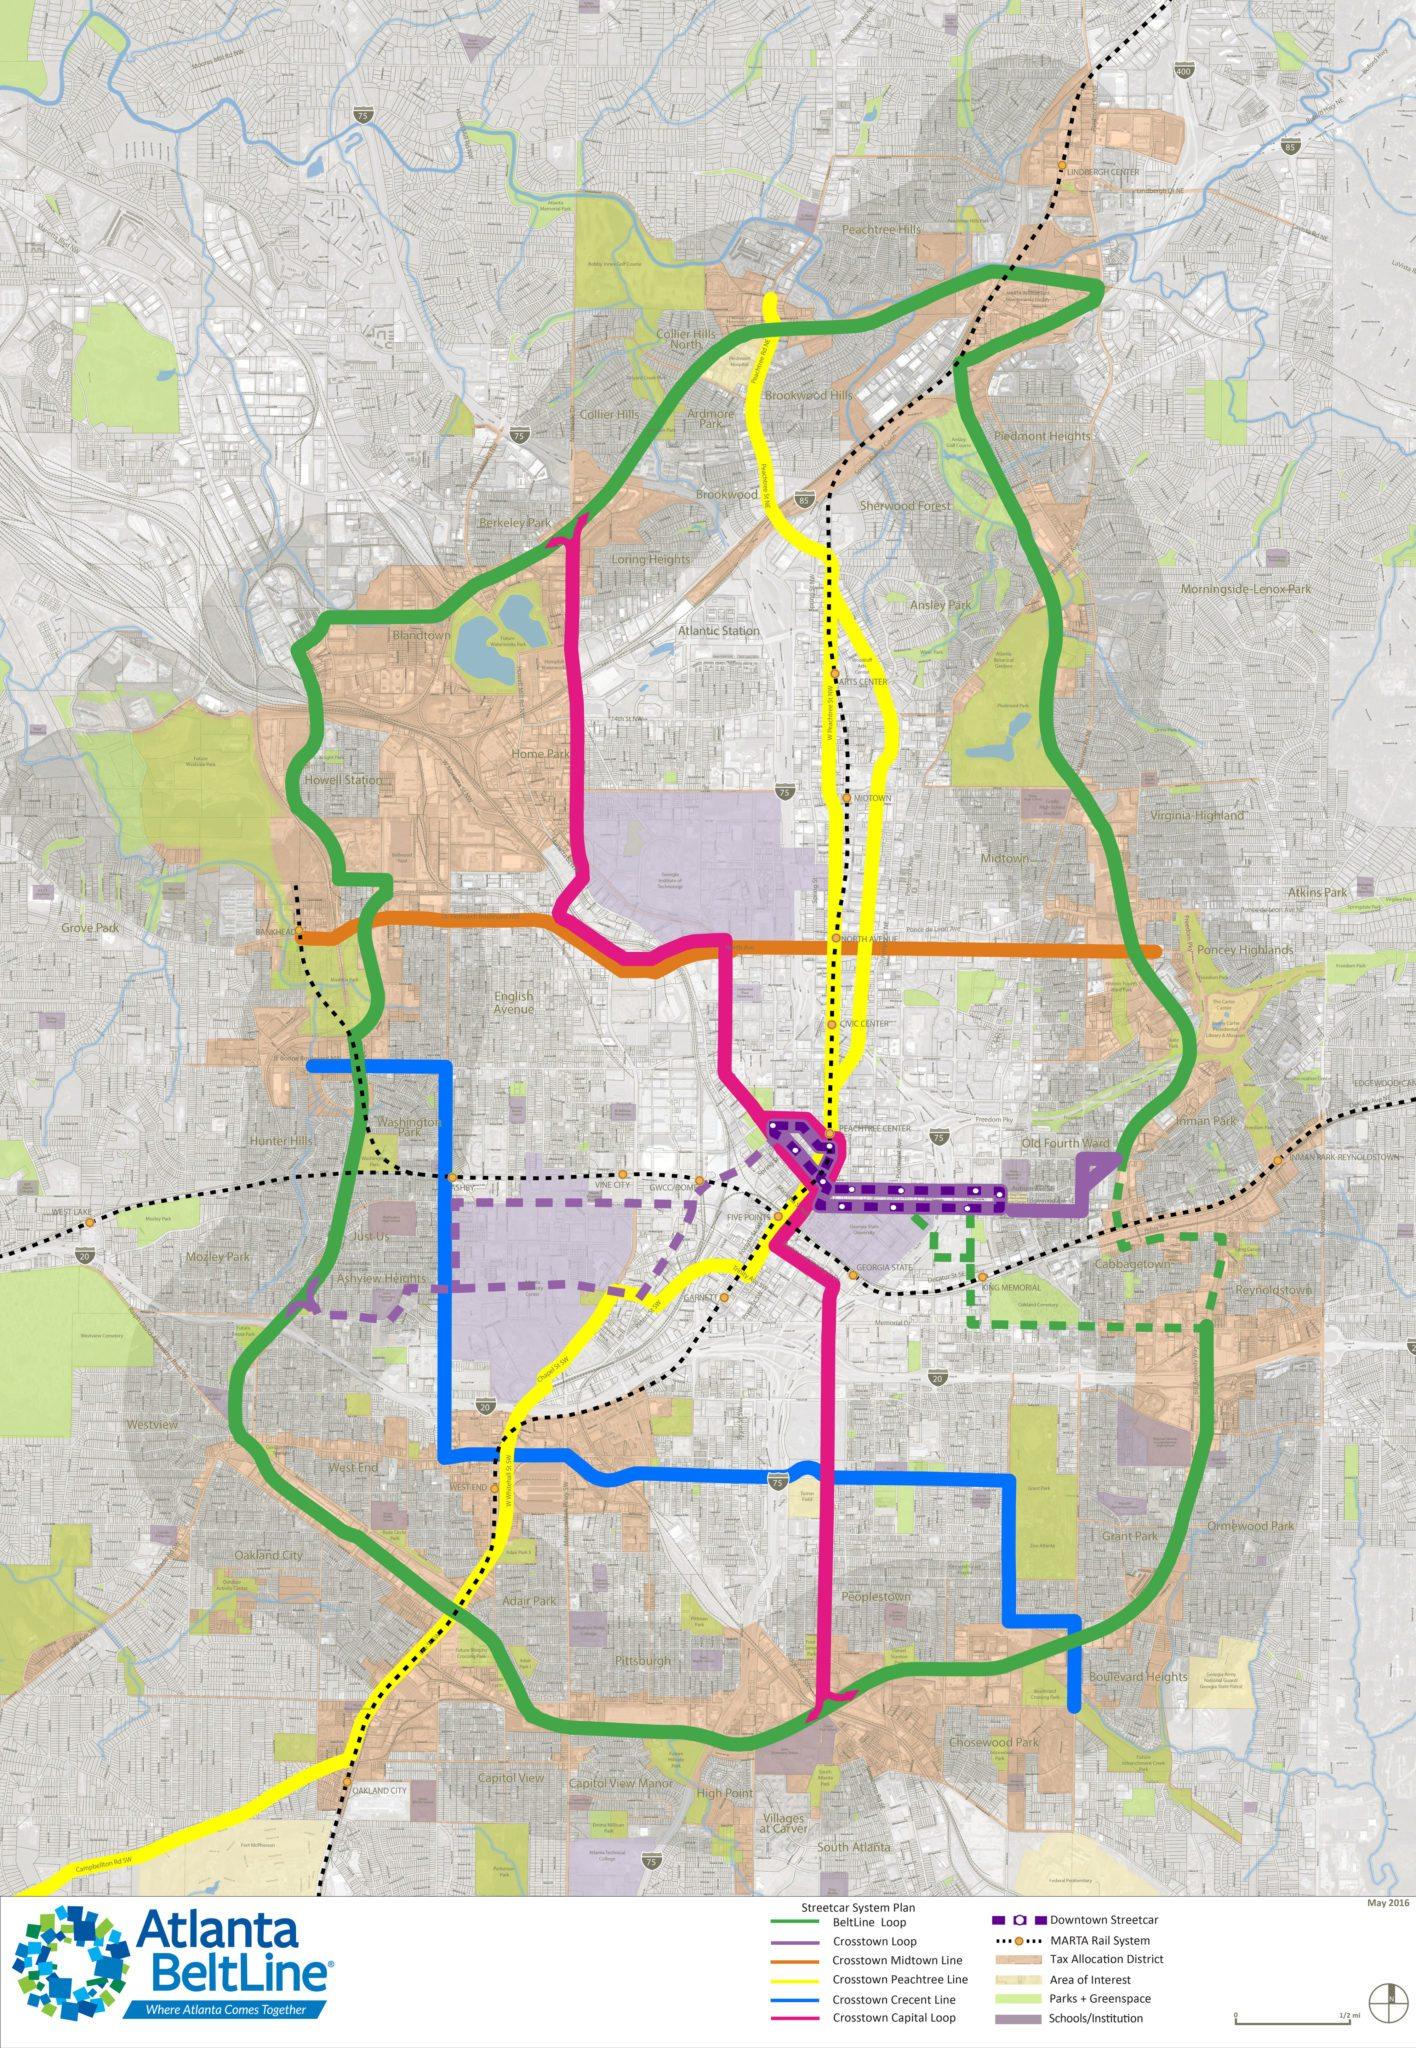 including the Atlanta BeltLine Loop, Crosstown Loop (including the  current Atlanta Streetcar), Crosstown Midtown Line, Crosstown Peachtree Line,